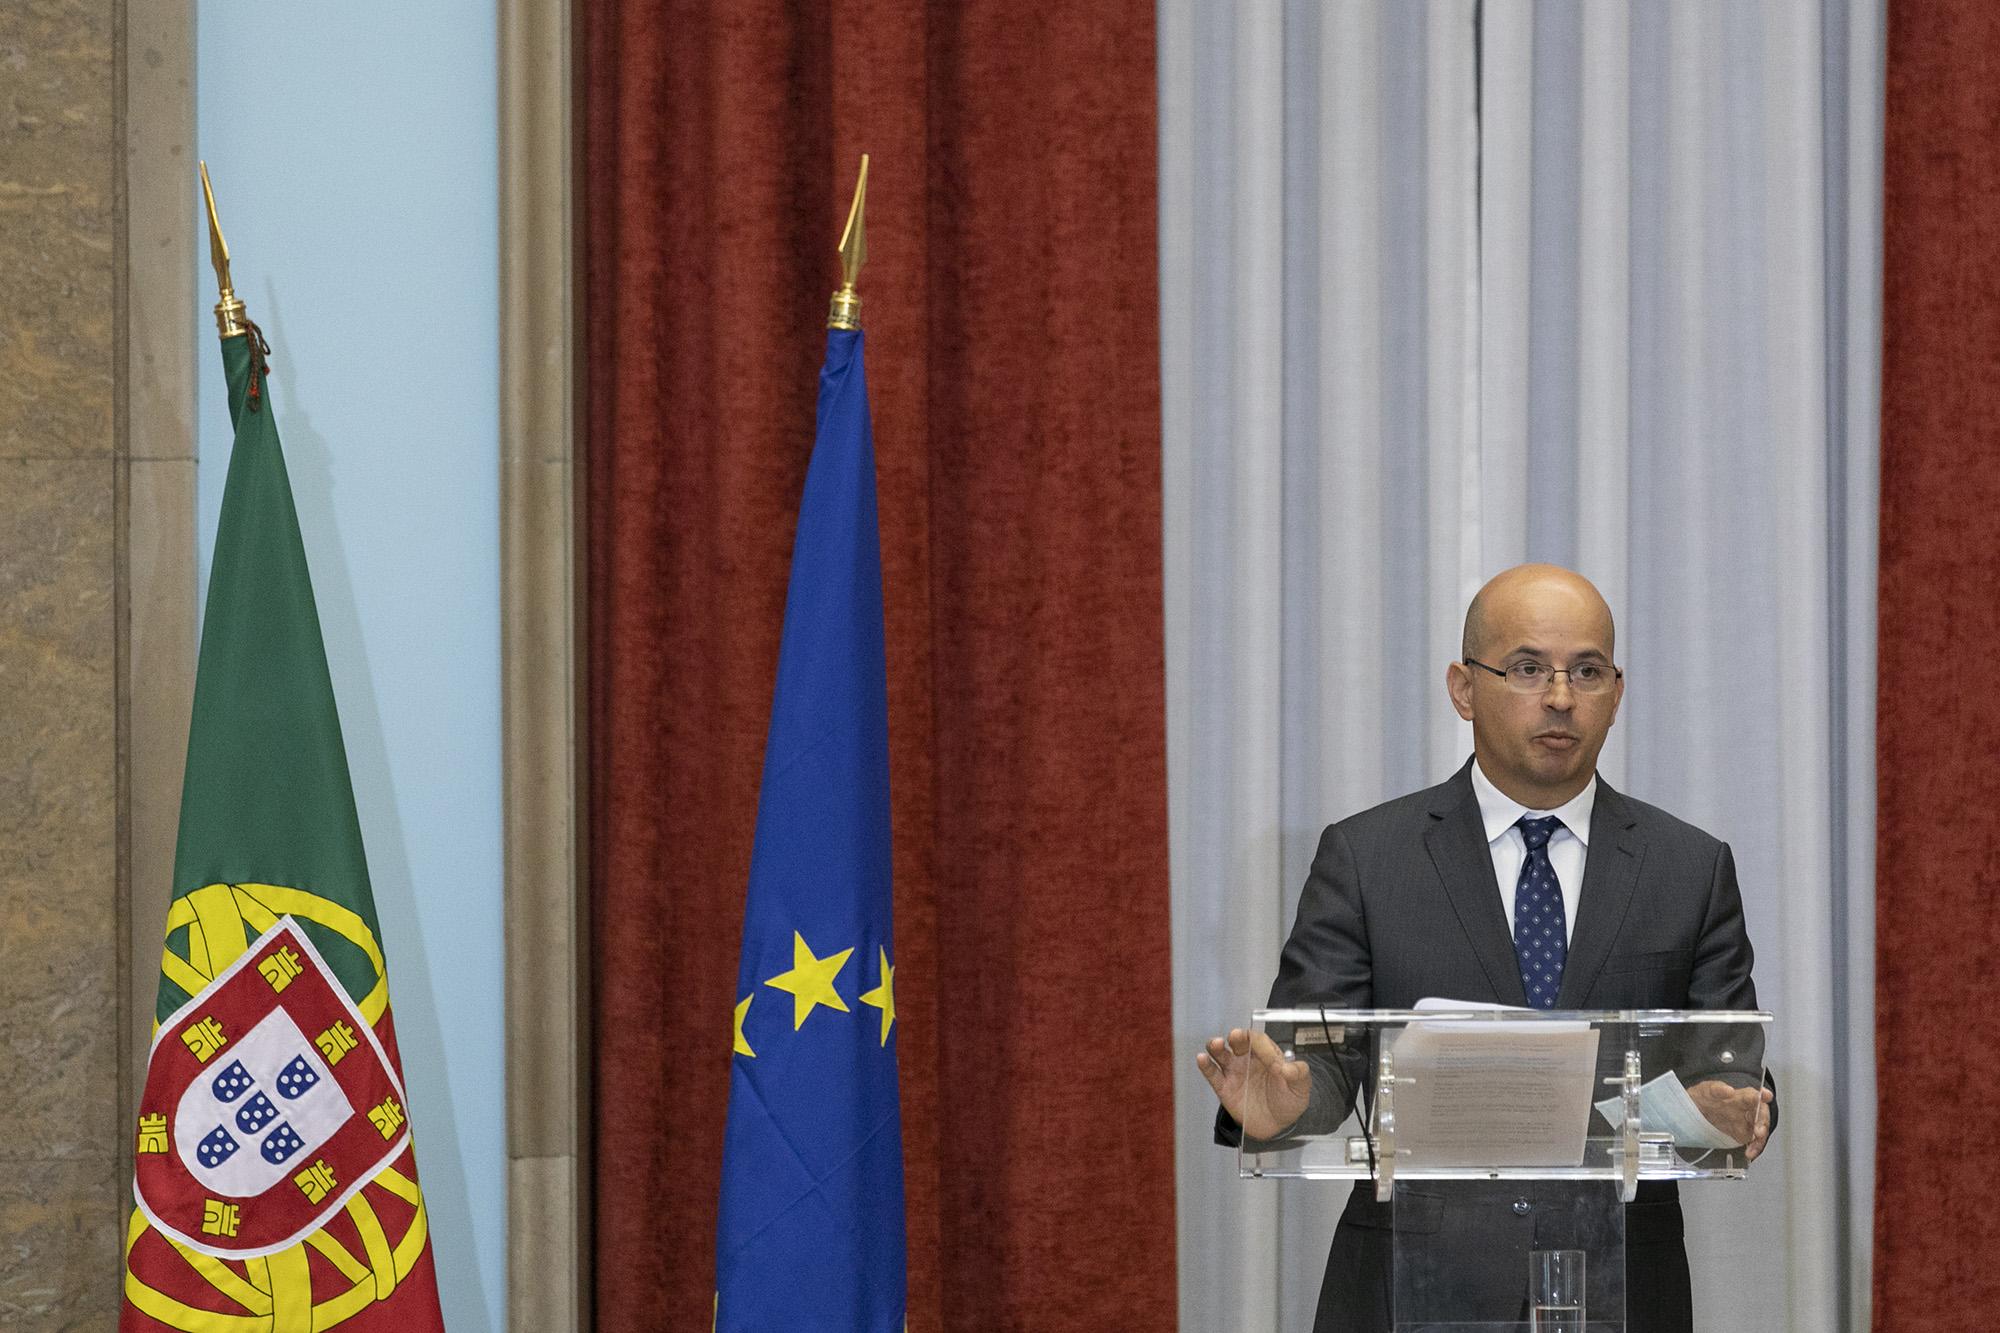 Tomada de posse do novo Governador do Banco de Portugal, Mário Centeno - 20JUL20